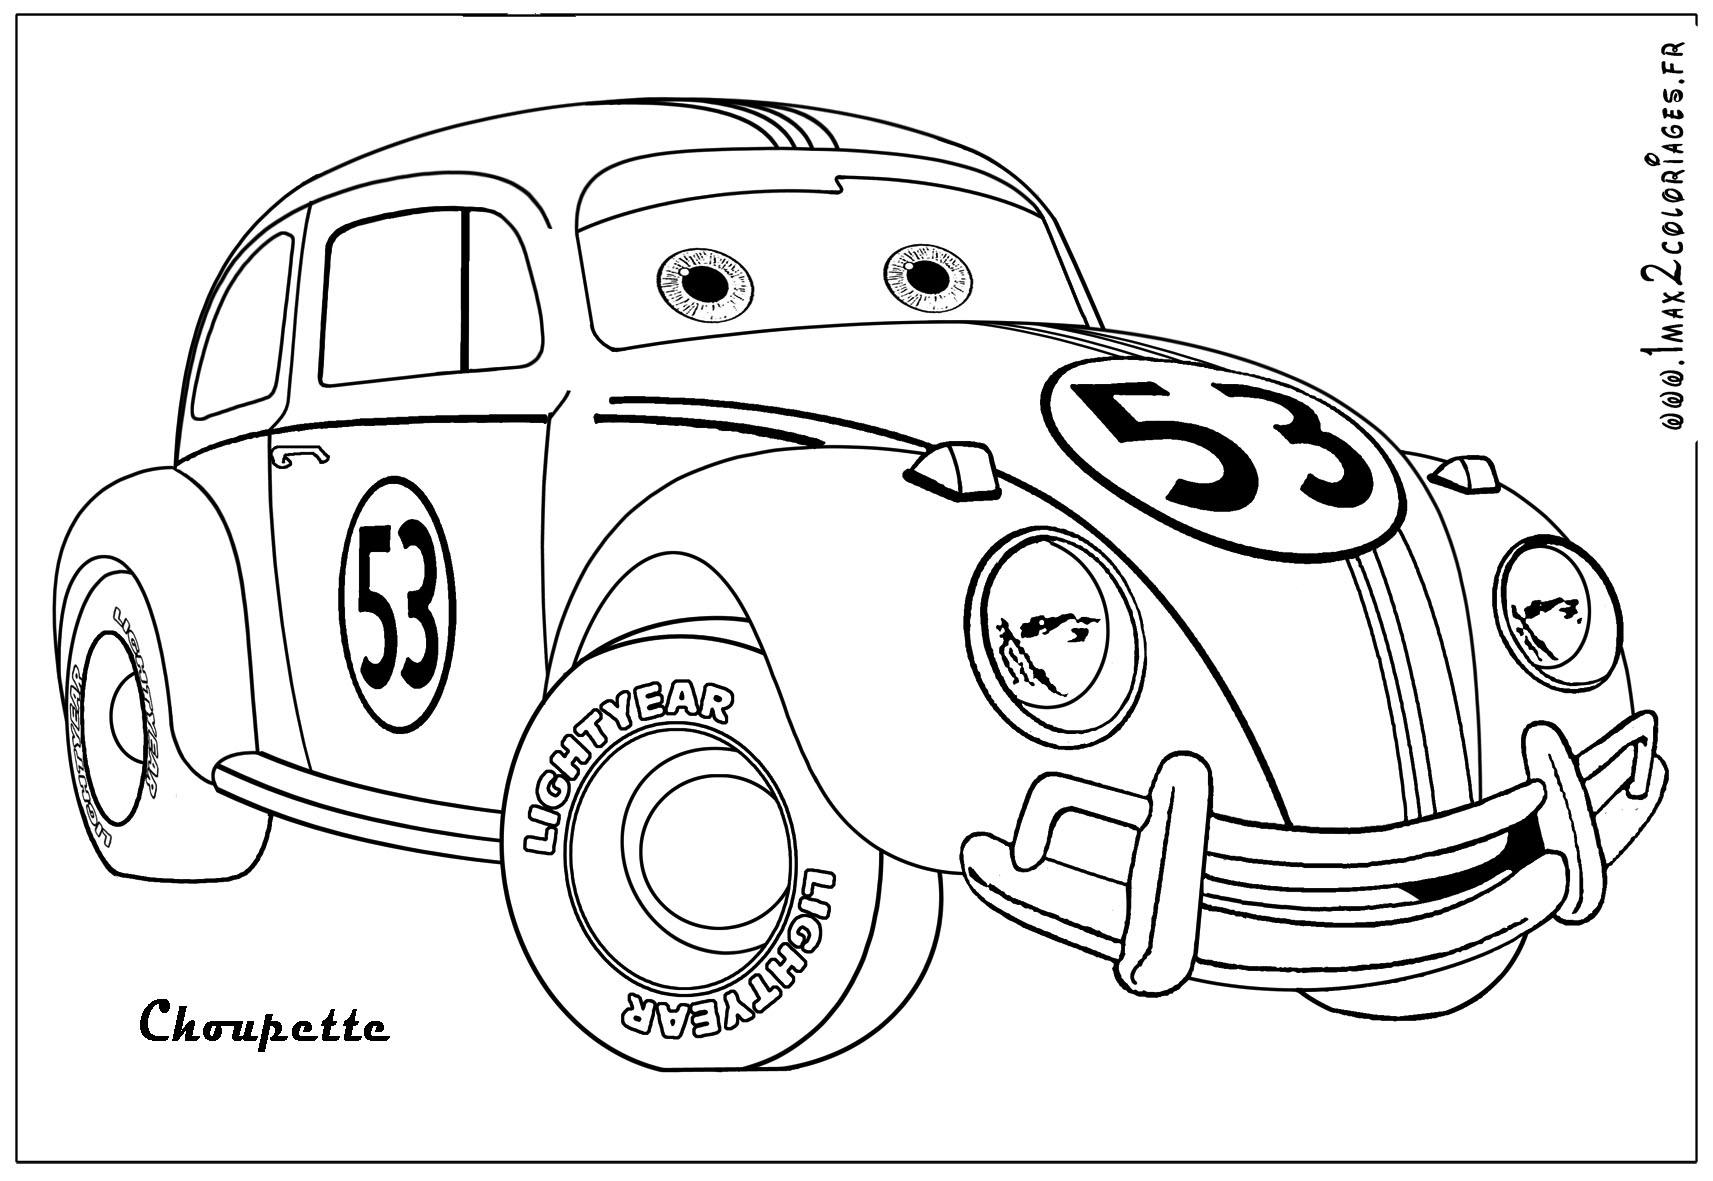 Voiture / Automobile #11 (Transport) – Coloriages À Imprimer pour Coloriage Vehicule